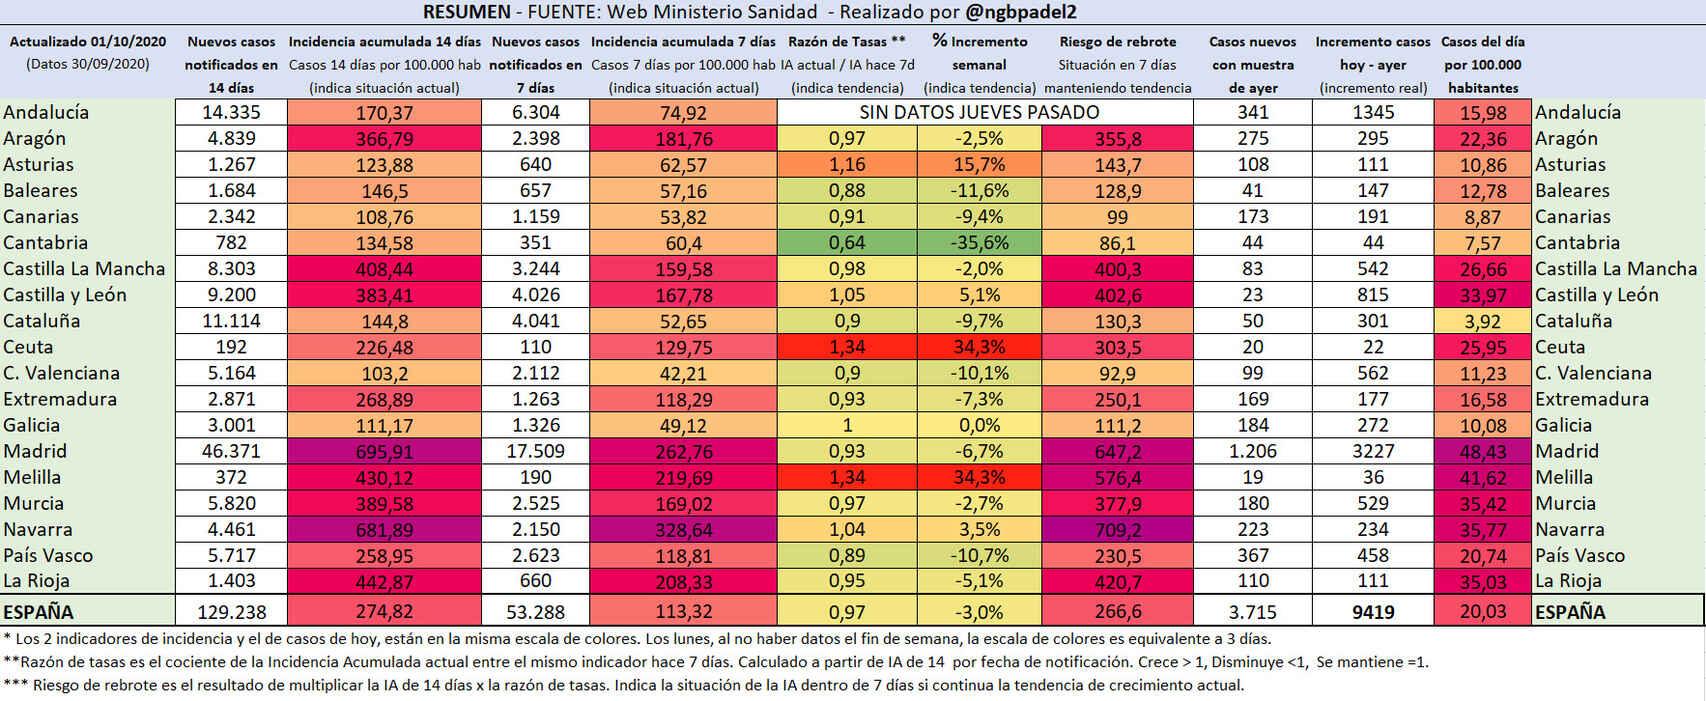 Resumen de la incidencia acumulada en España. Autor: @ngbpadel2